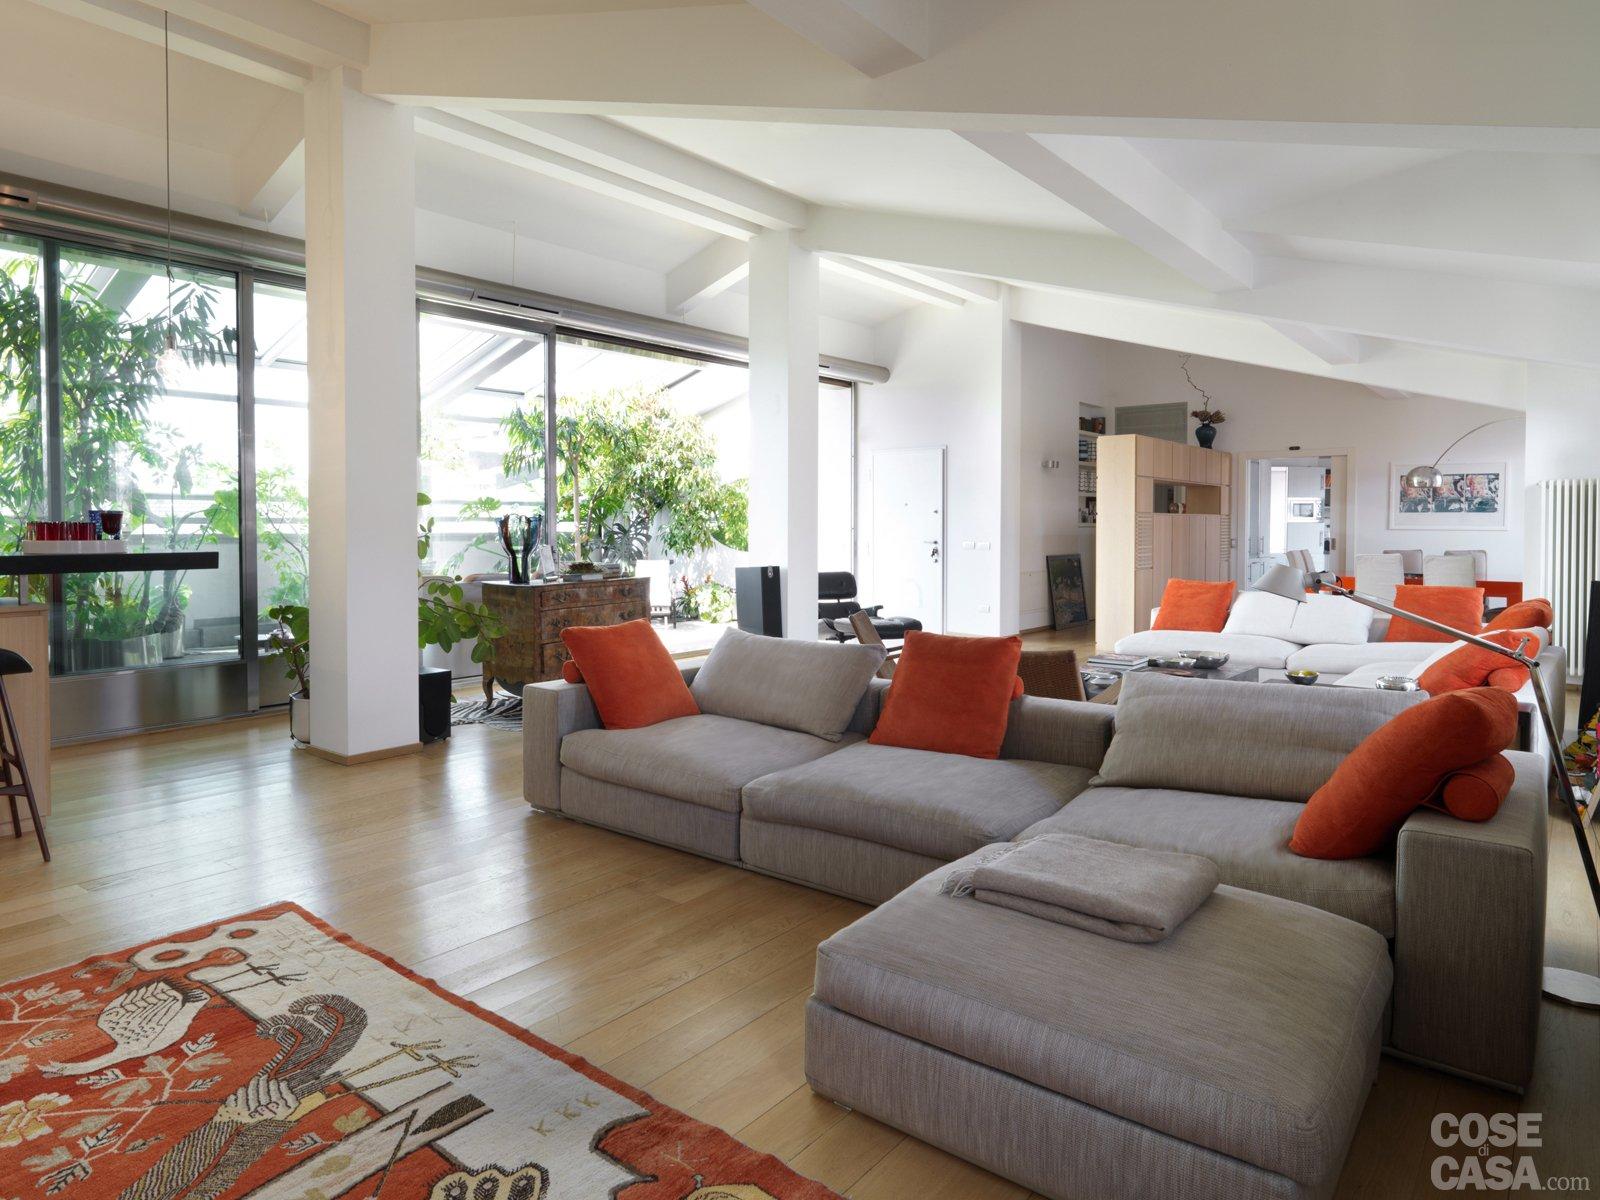 Un sottotetto con terrazzo aperto o chiuso a seconda delle for Idee di casa di piano aperto